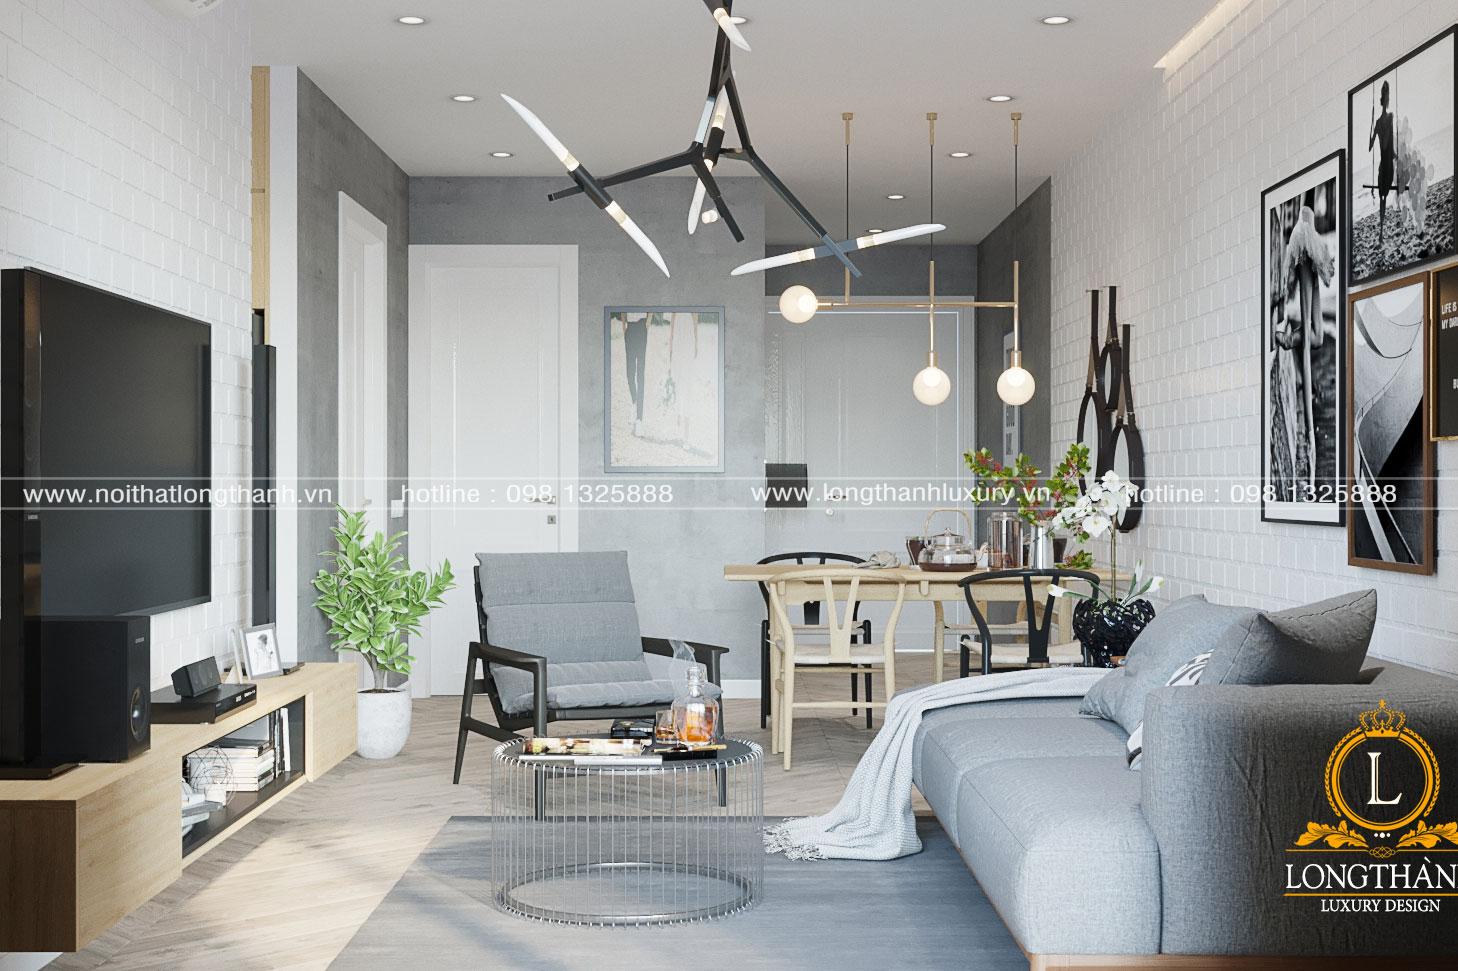 Thiết kế nội thất Scandinavian có phù hợp với không gian nhà Việt không?